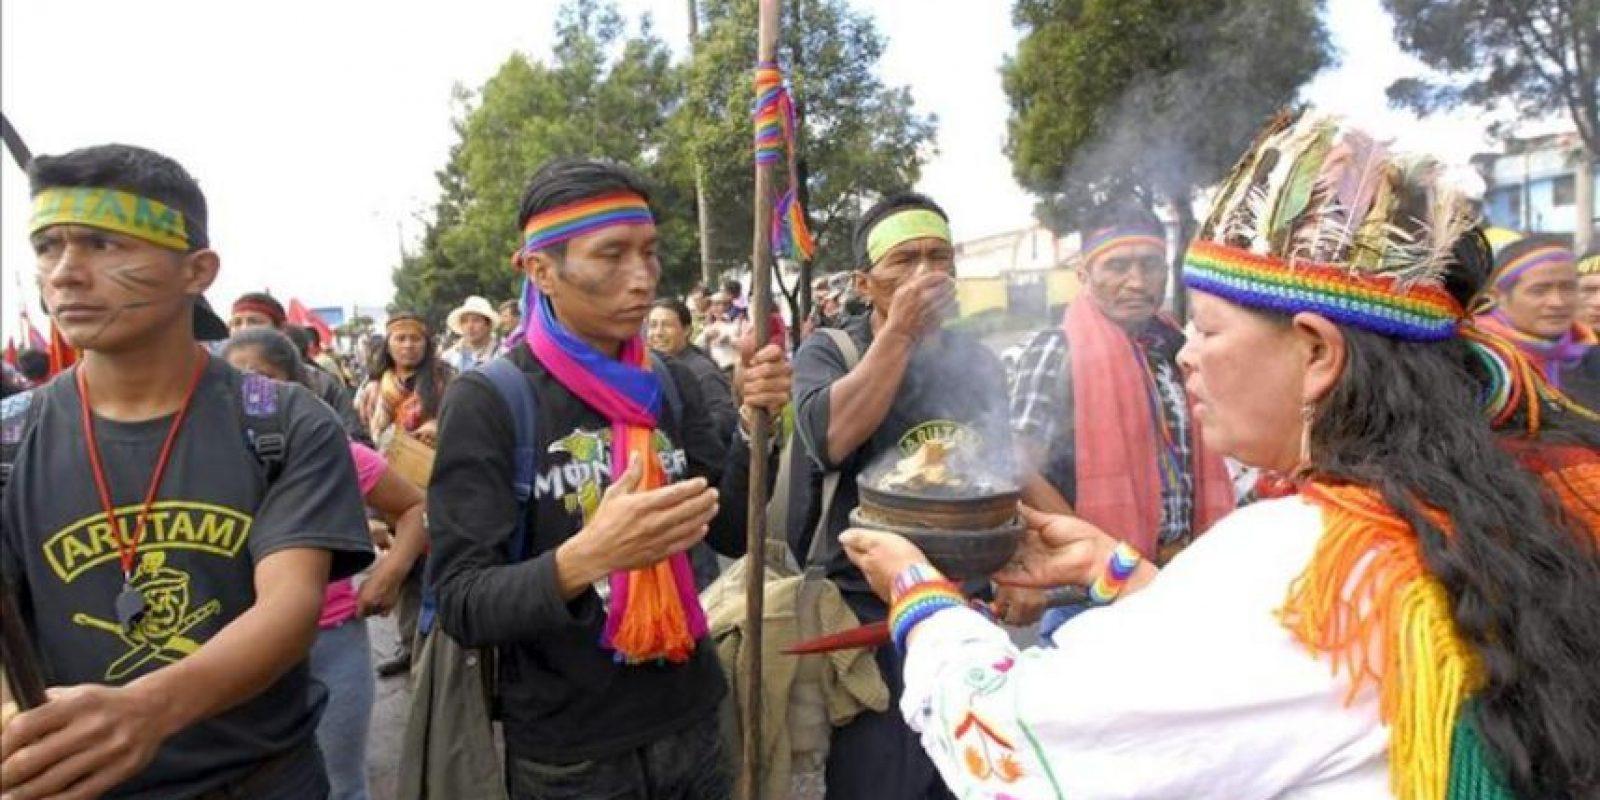 La marcha liderada por indígenas en protesta contra la minería a gran escala autorizada por el Gobierno de Ecuador llega este jueves a Quito (Ecuador). EFE